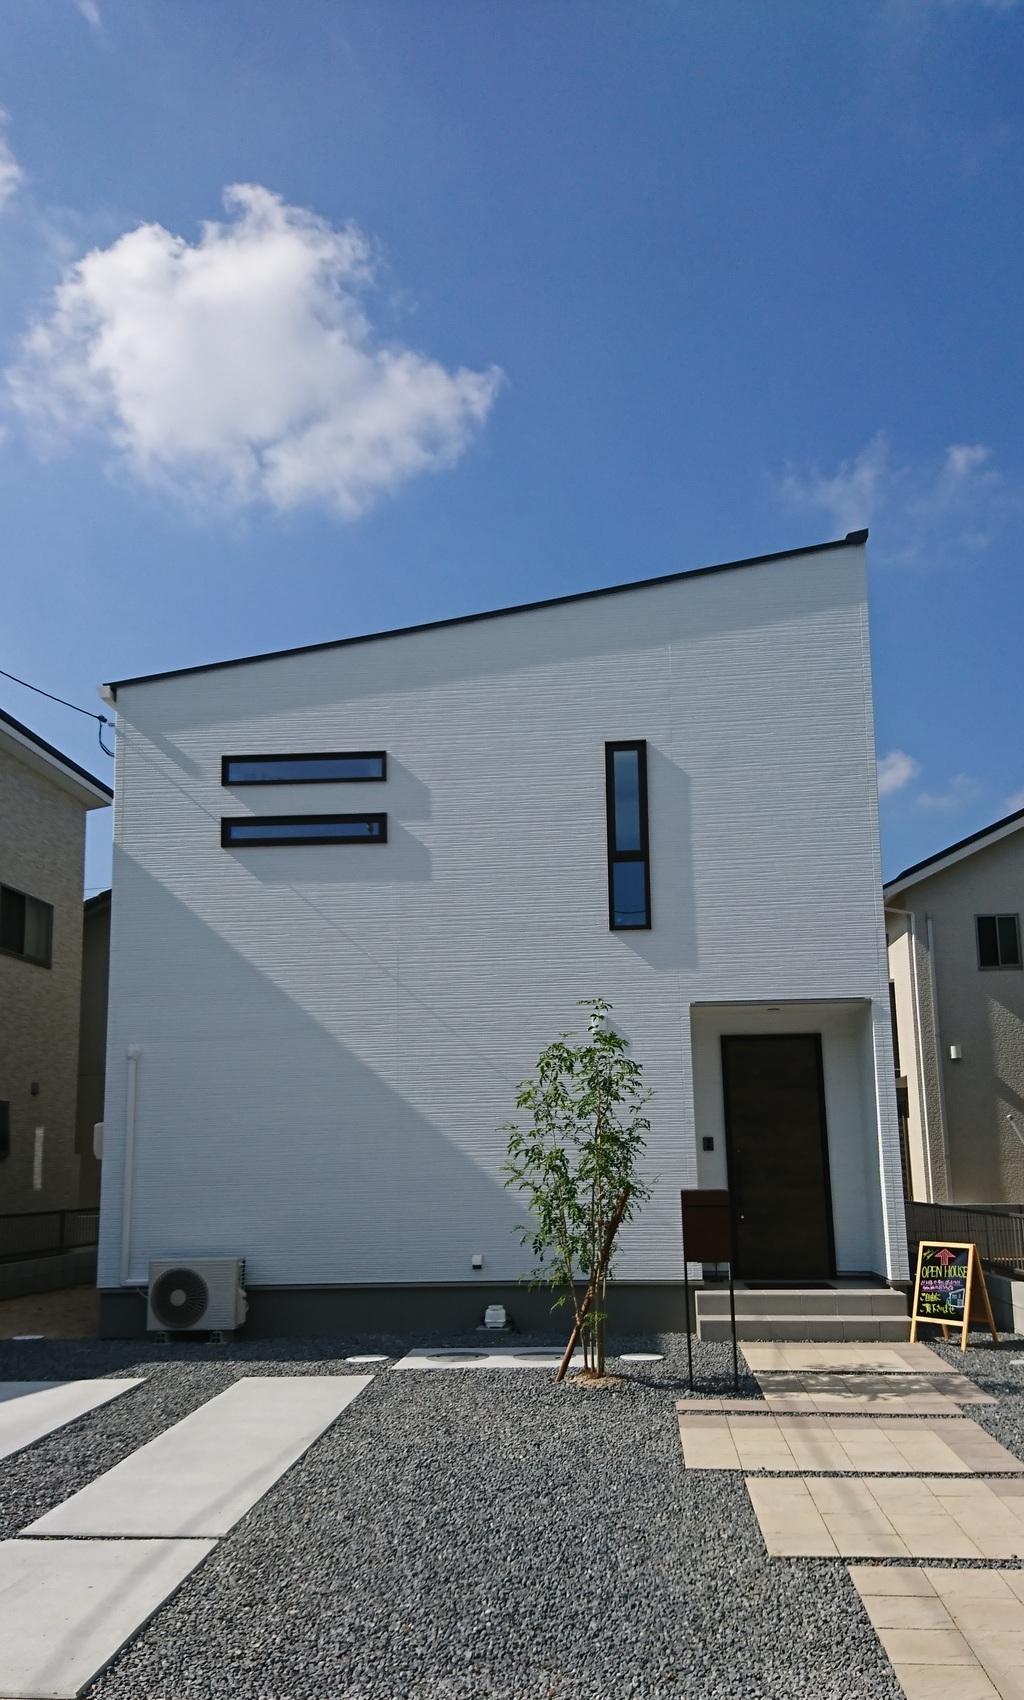 【瀬戸内市邑久町山田庄】新規分譲住宅ご見学できます♪